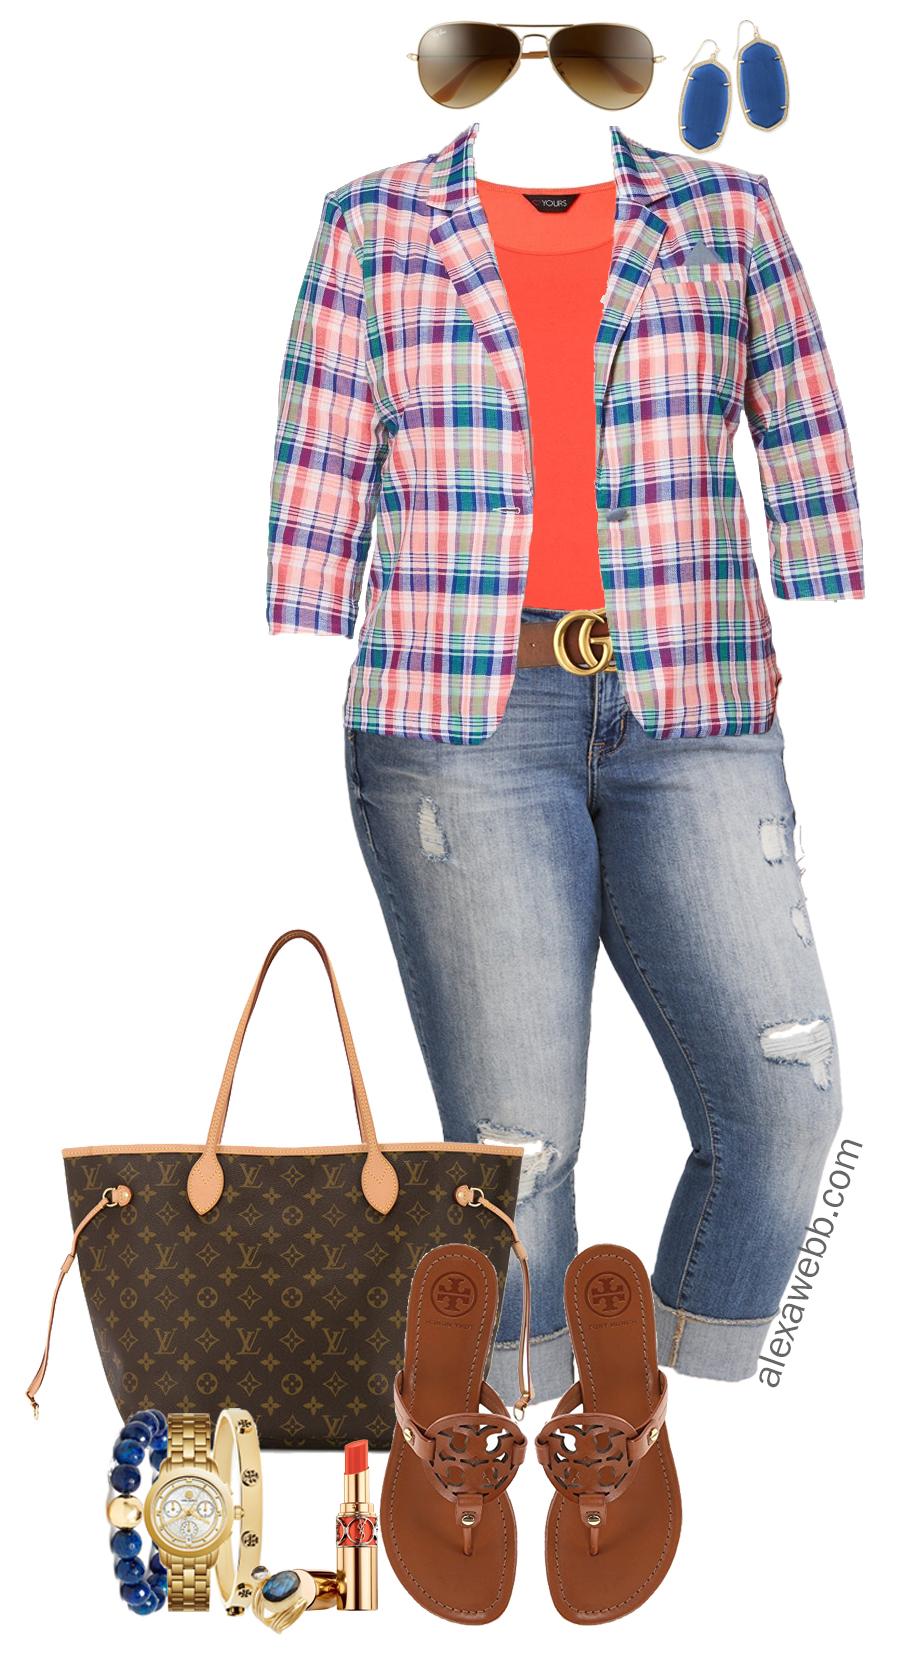 b129da0ecbd Plus Size Plaid Blazer Outfit - Alexa Webb